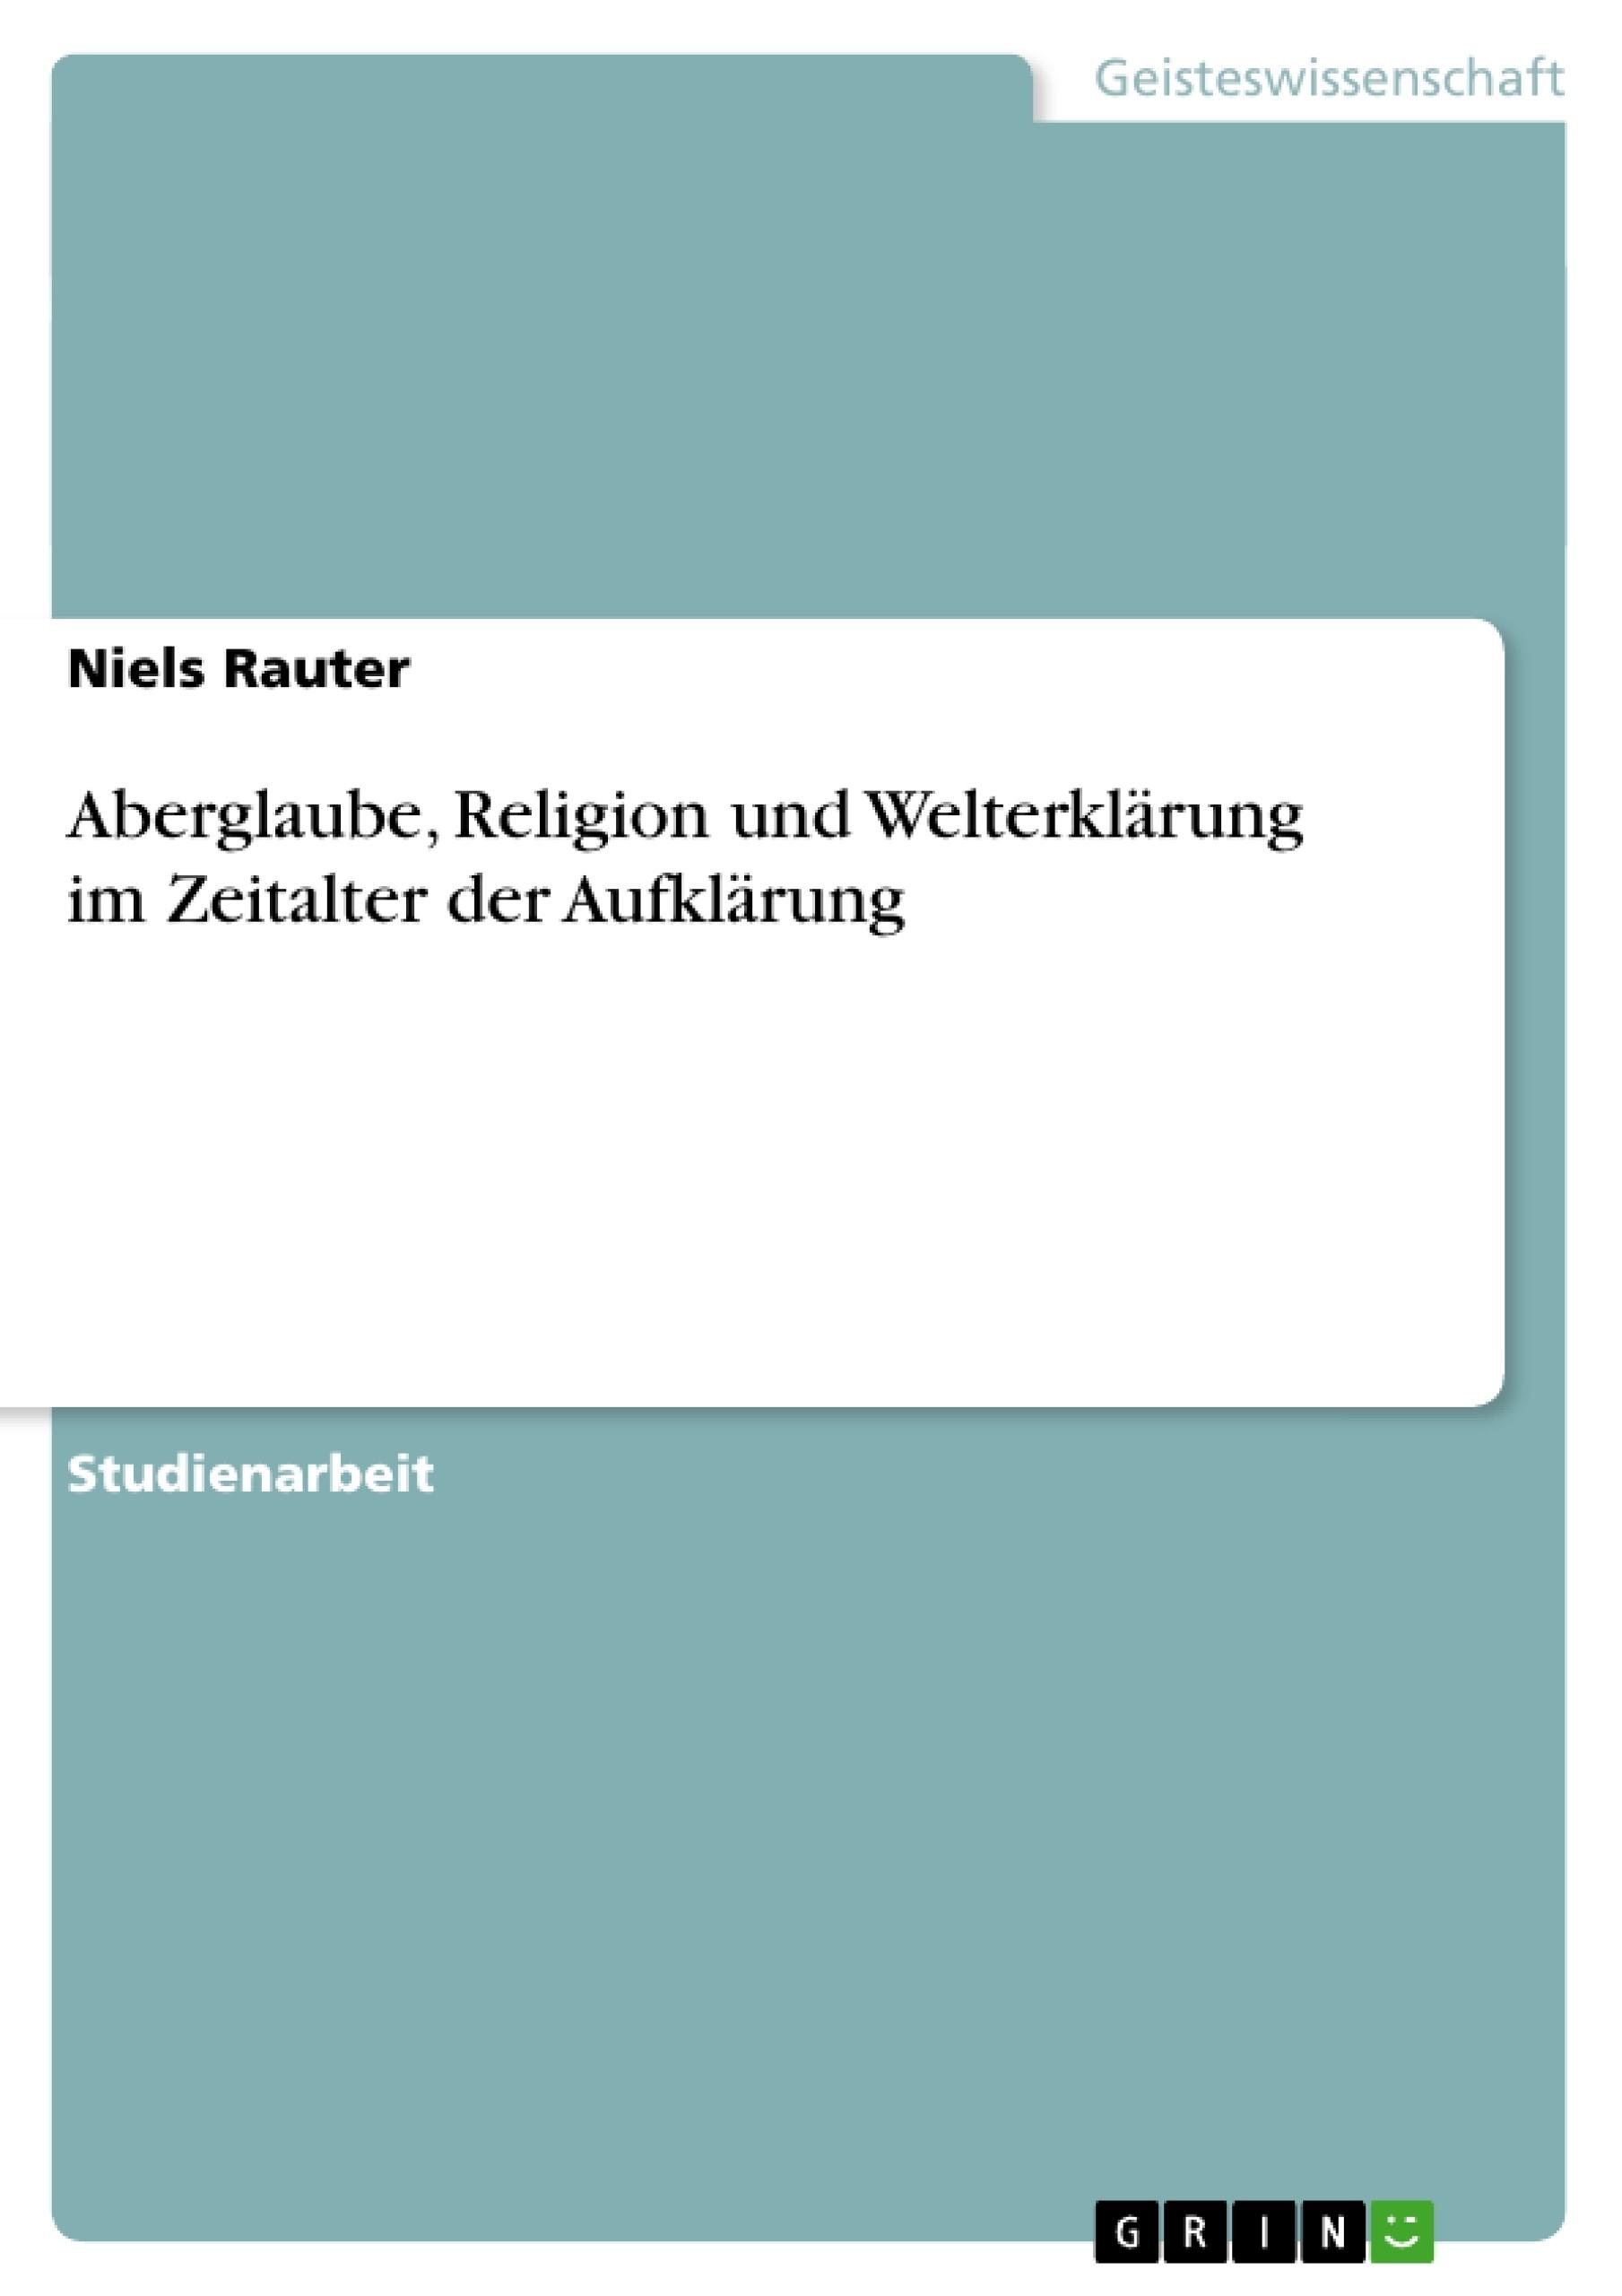 Titel: Aberglaube, Religion und Welterklärung im Zeitalter der Aufklärung